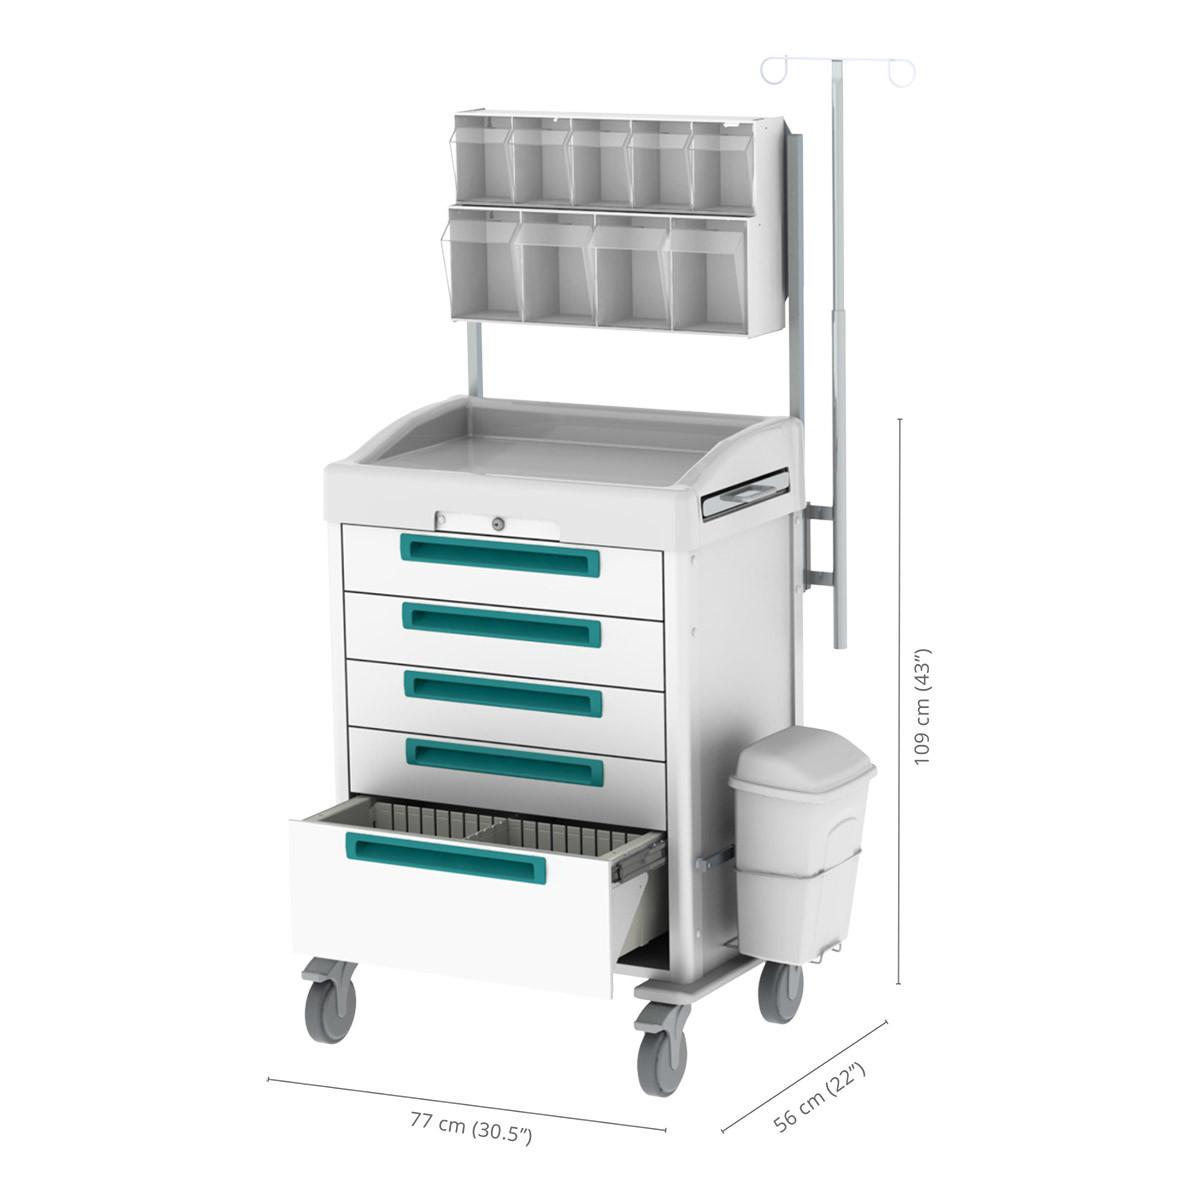 Premium anesthesia cart